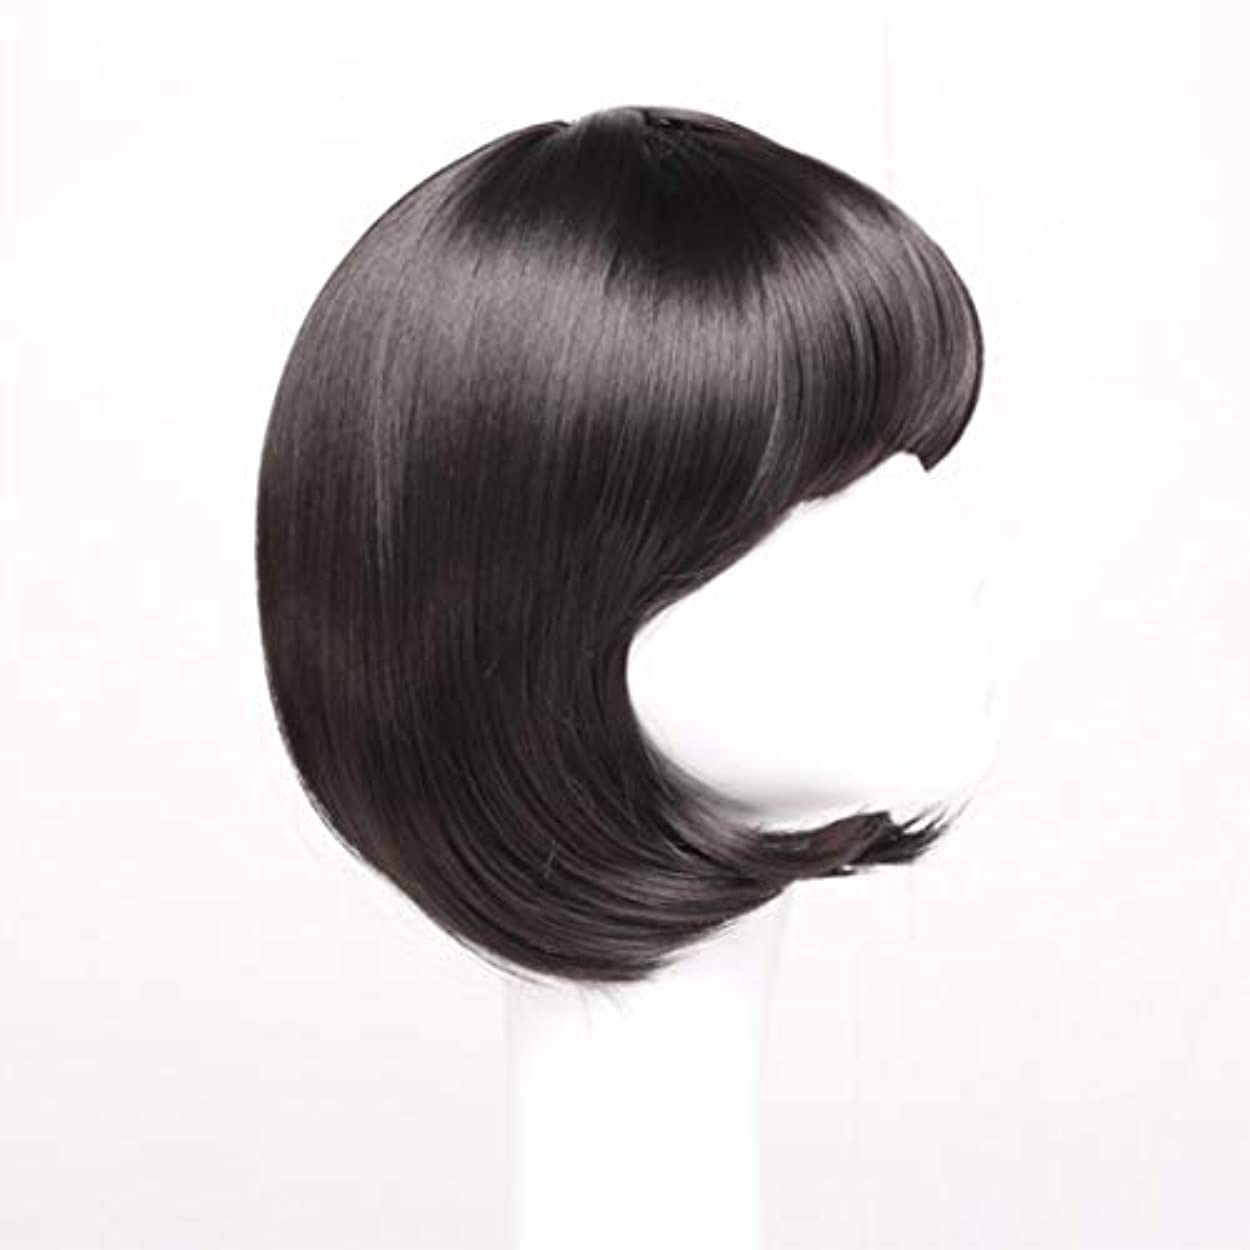 特別なシャーク格差Koloeplf ボブかつらふわふわショートストレート人工毛フルウィッグ自然に見える耐熱性女性用 (Color : Black)